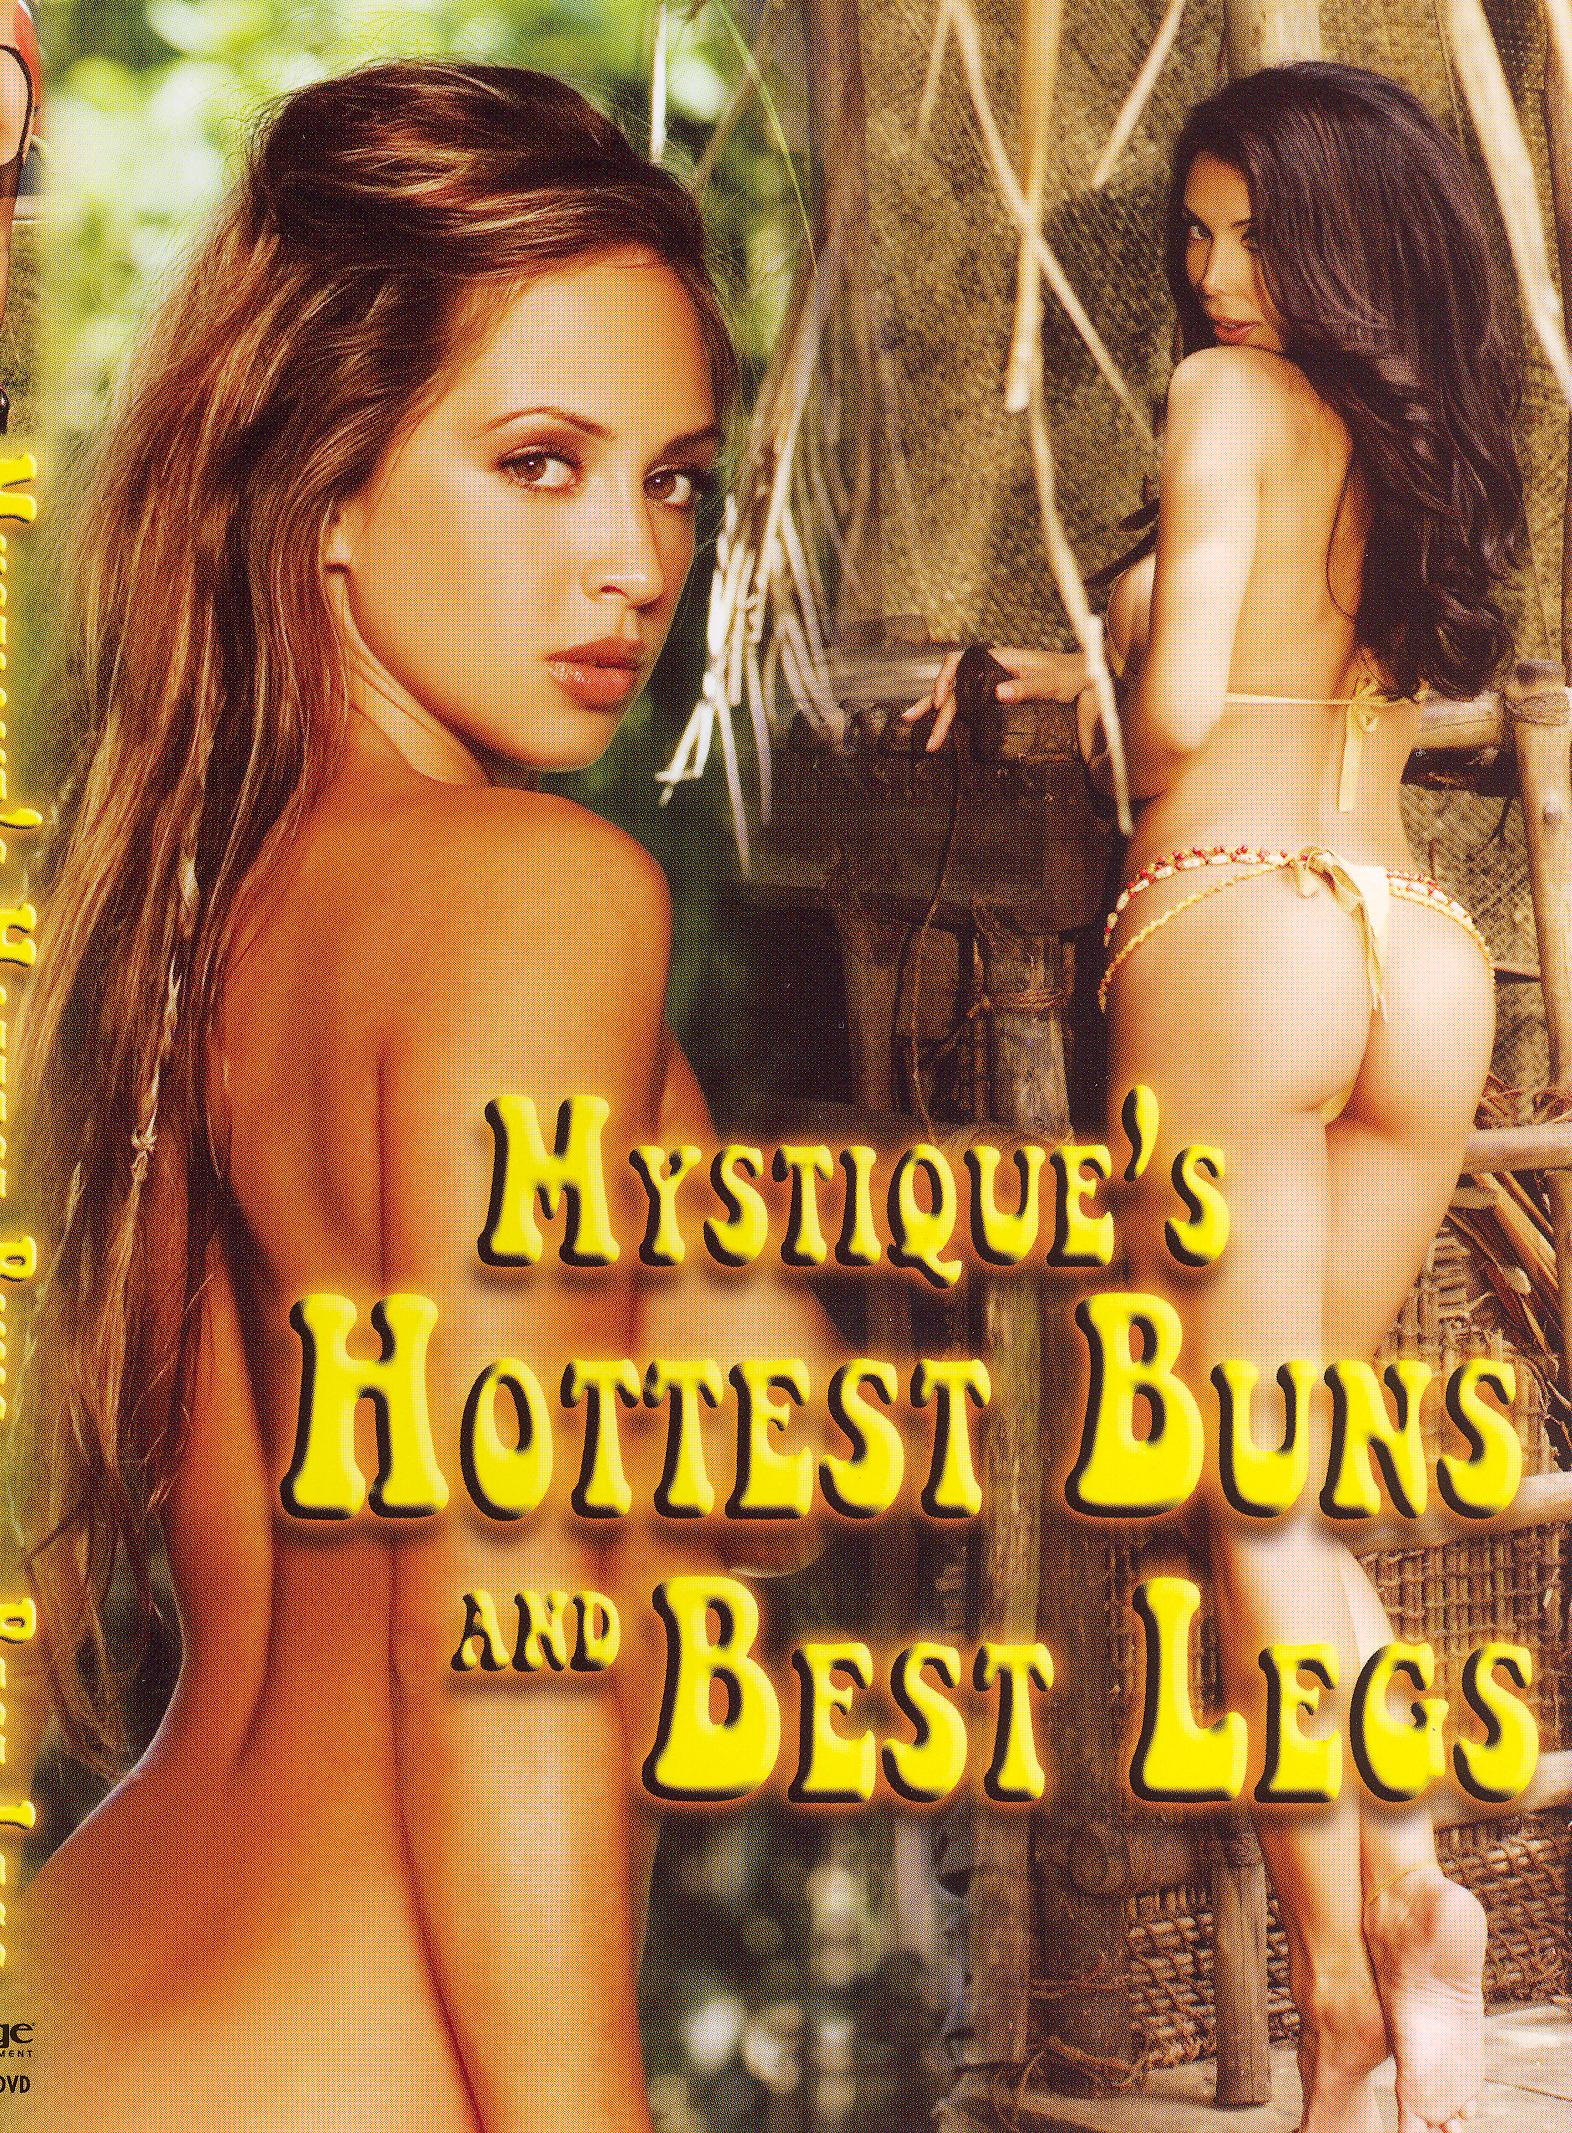 Mystique: Hottest Buns and Best Legs